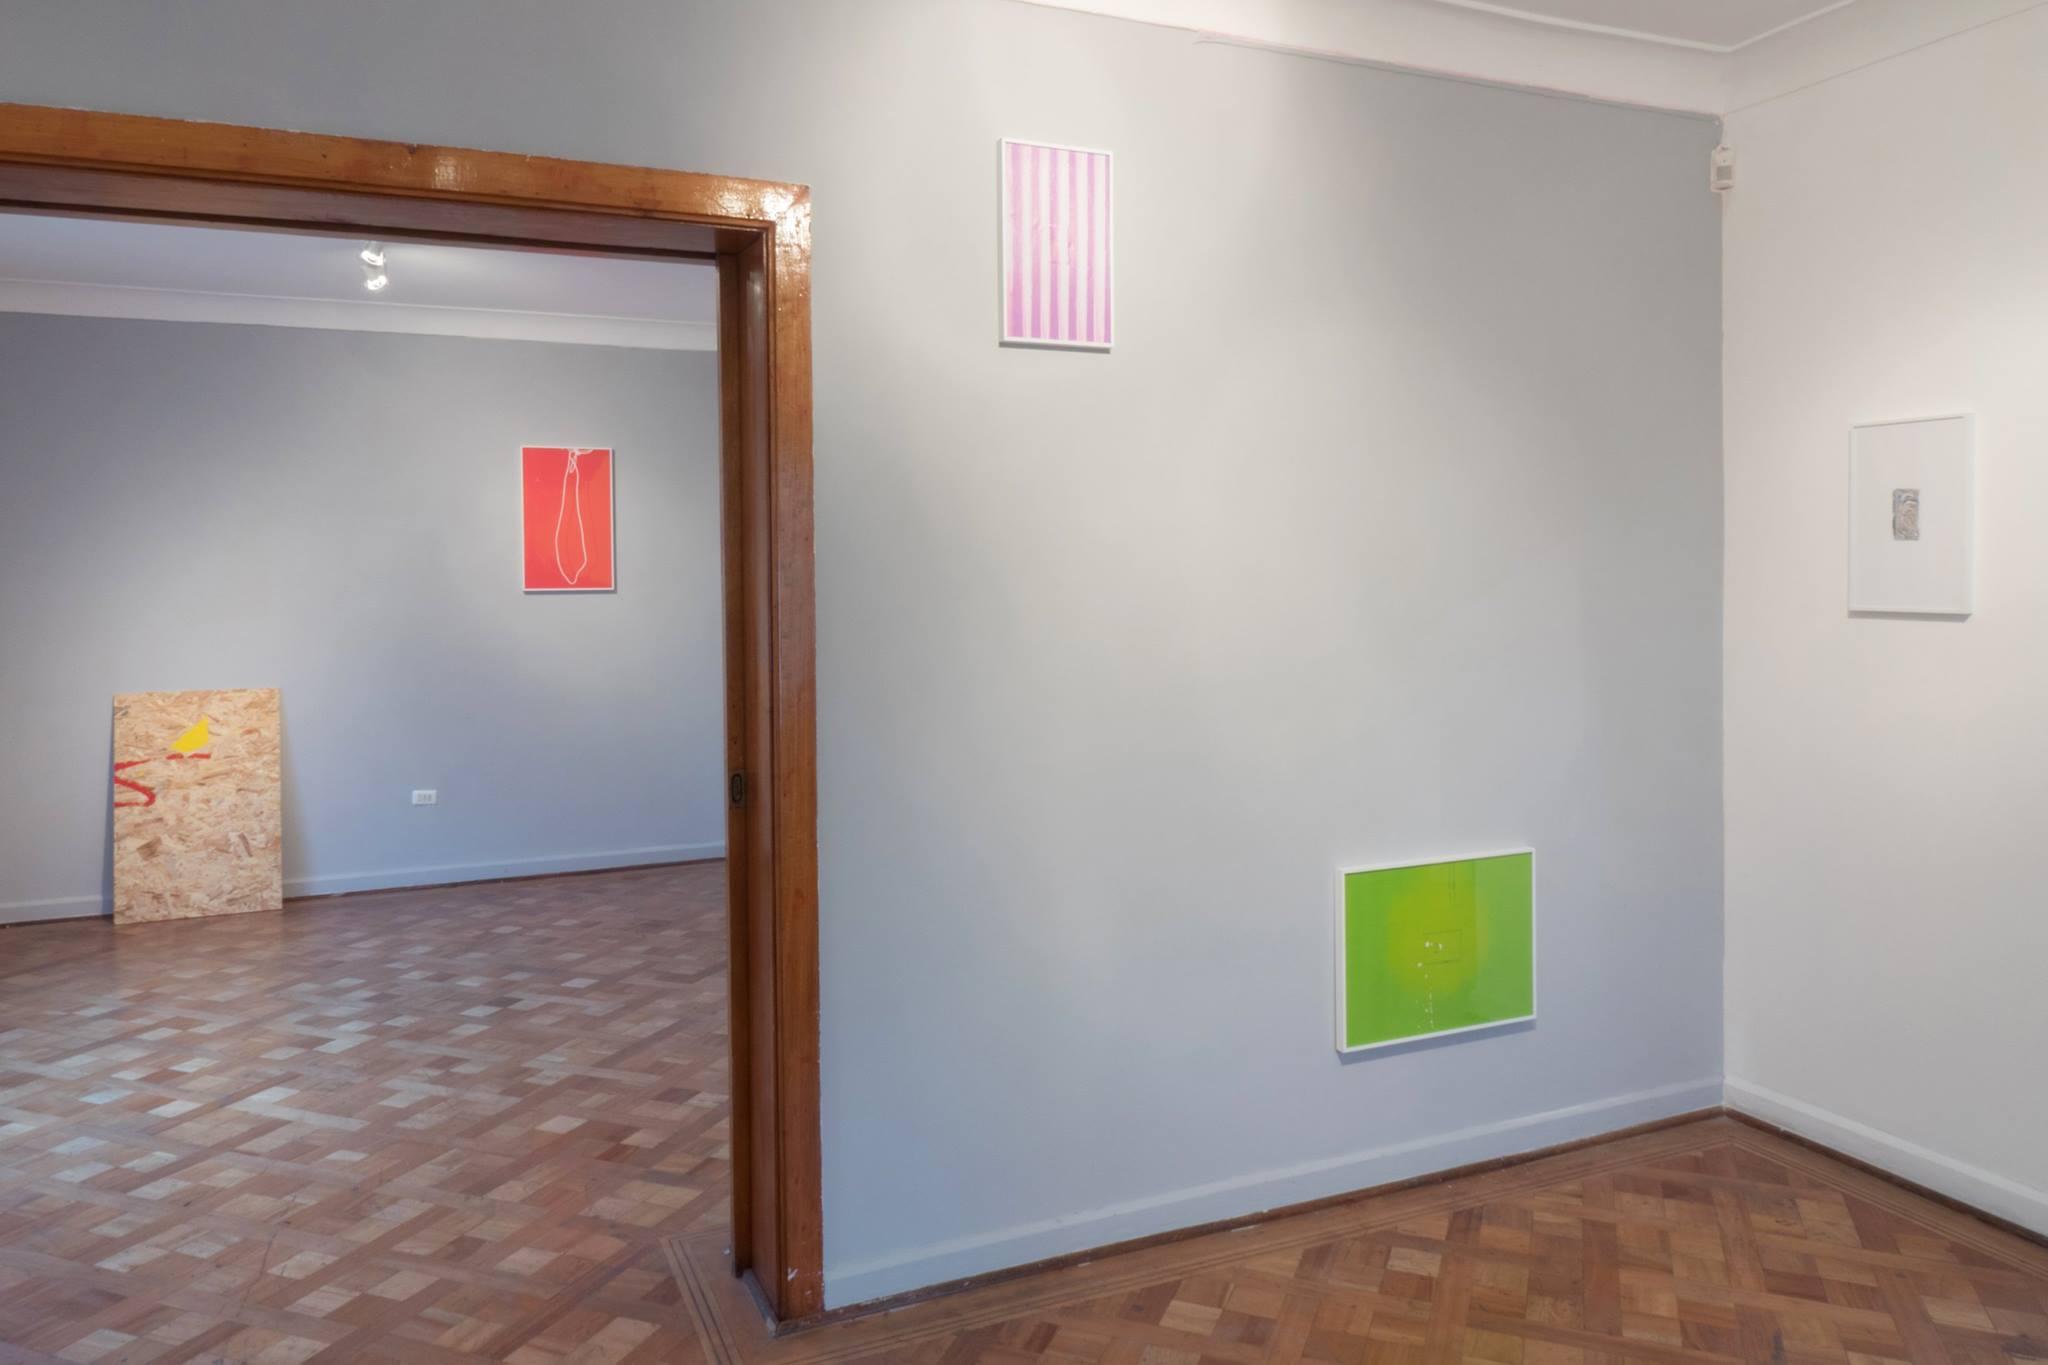 Carlos Silva, vista de la exposición Trabajos de Mantención en Espacio Hache, Santiago de Chile, 2016. Cortesía del artista